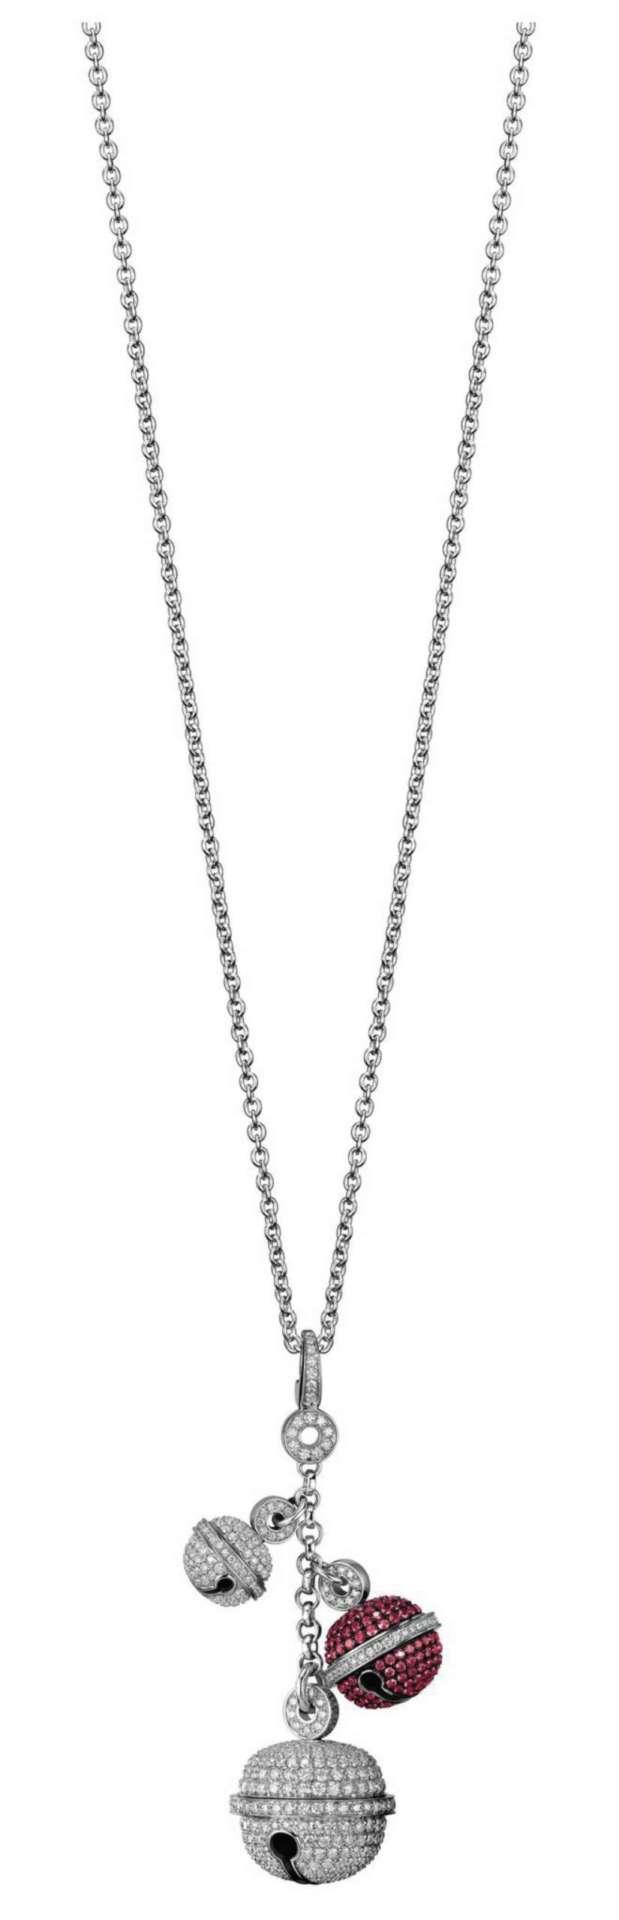 珠寶的聲音|Le Son Des Bijoux